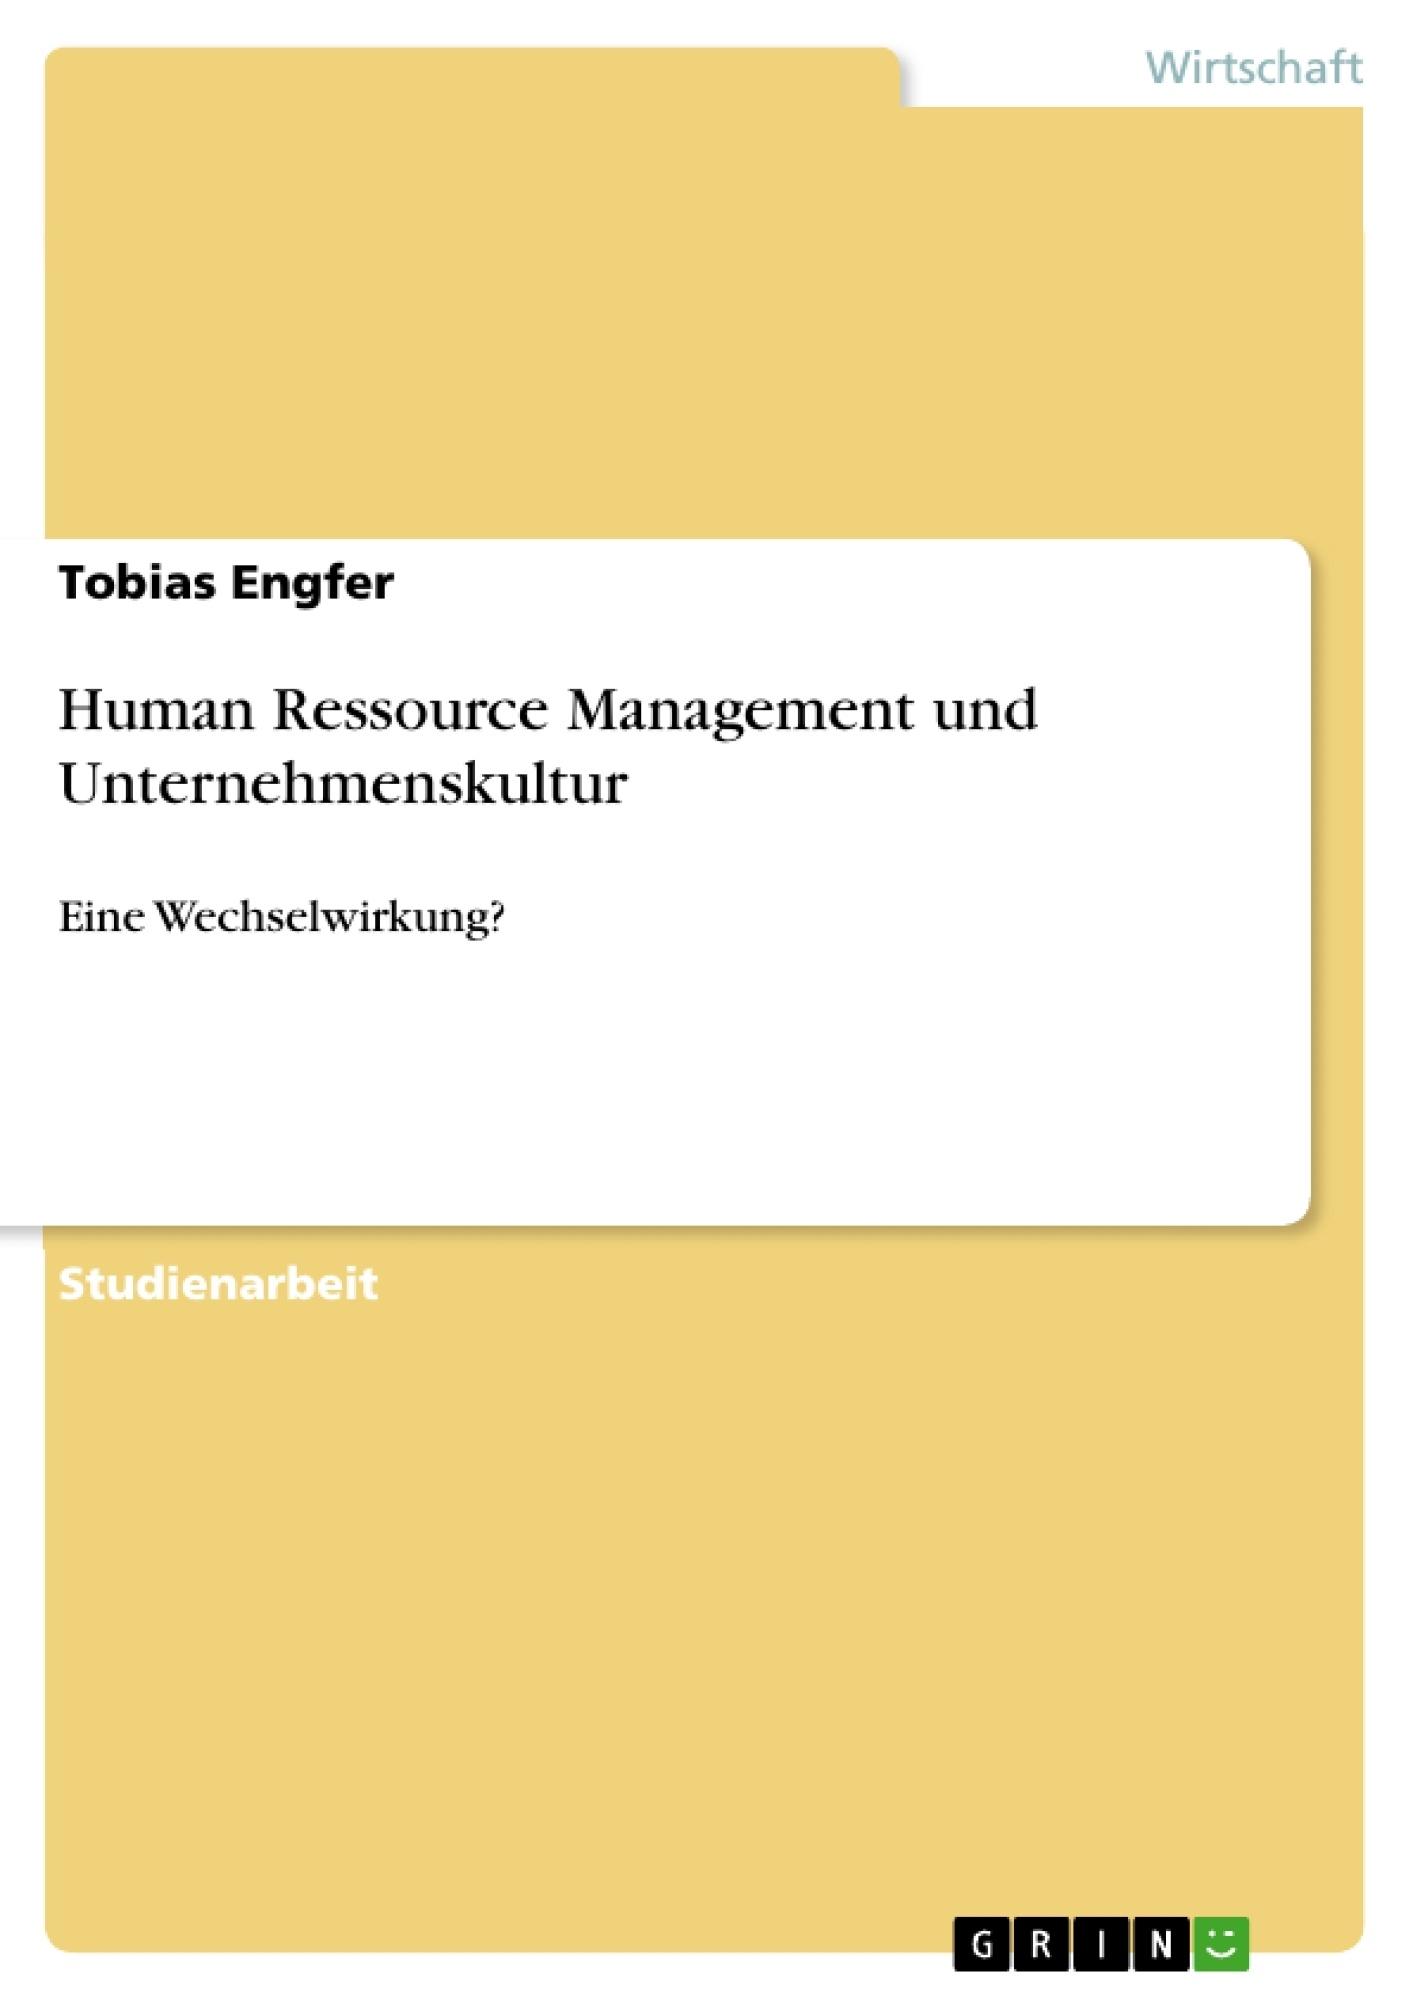 Titel: Human Ressource Management und Unternehmenskultur